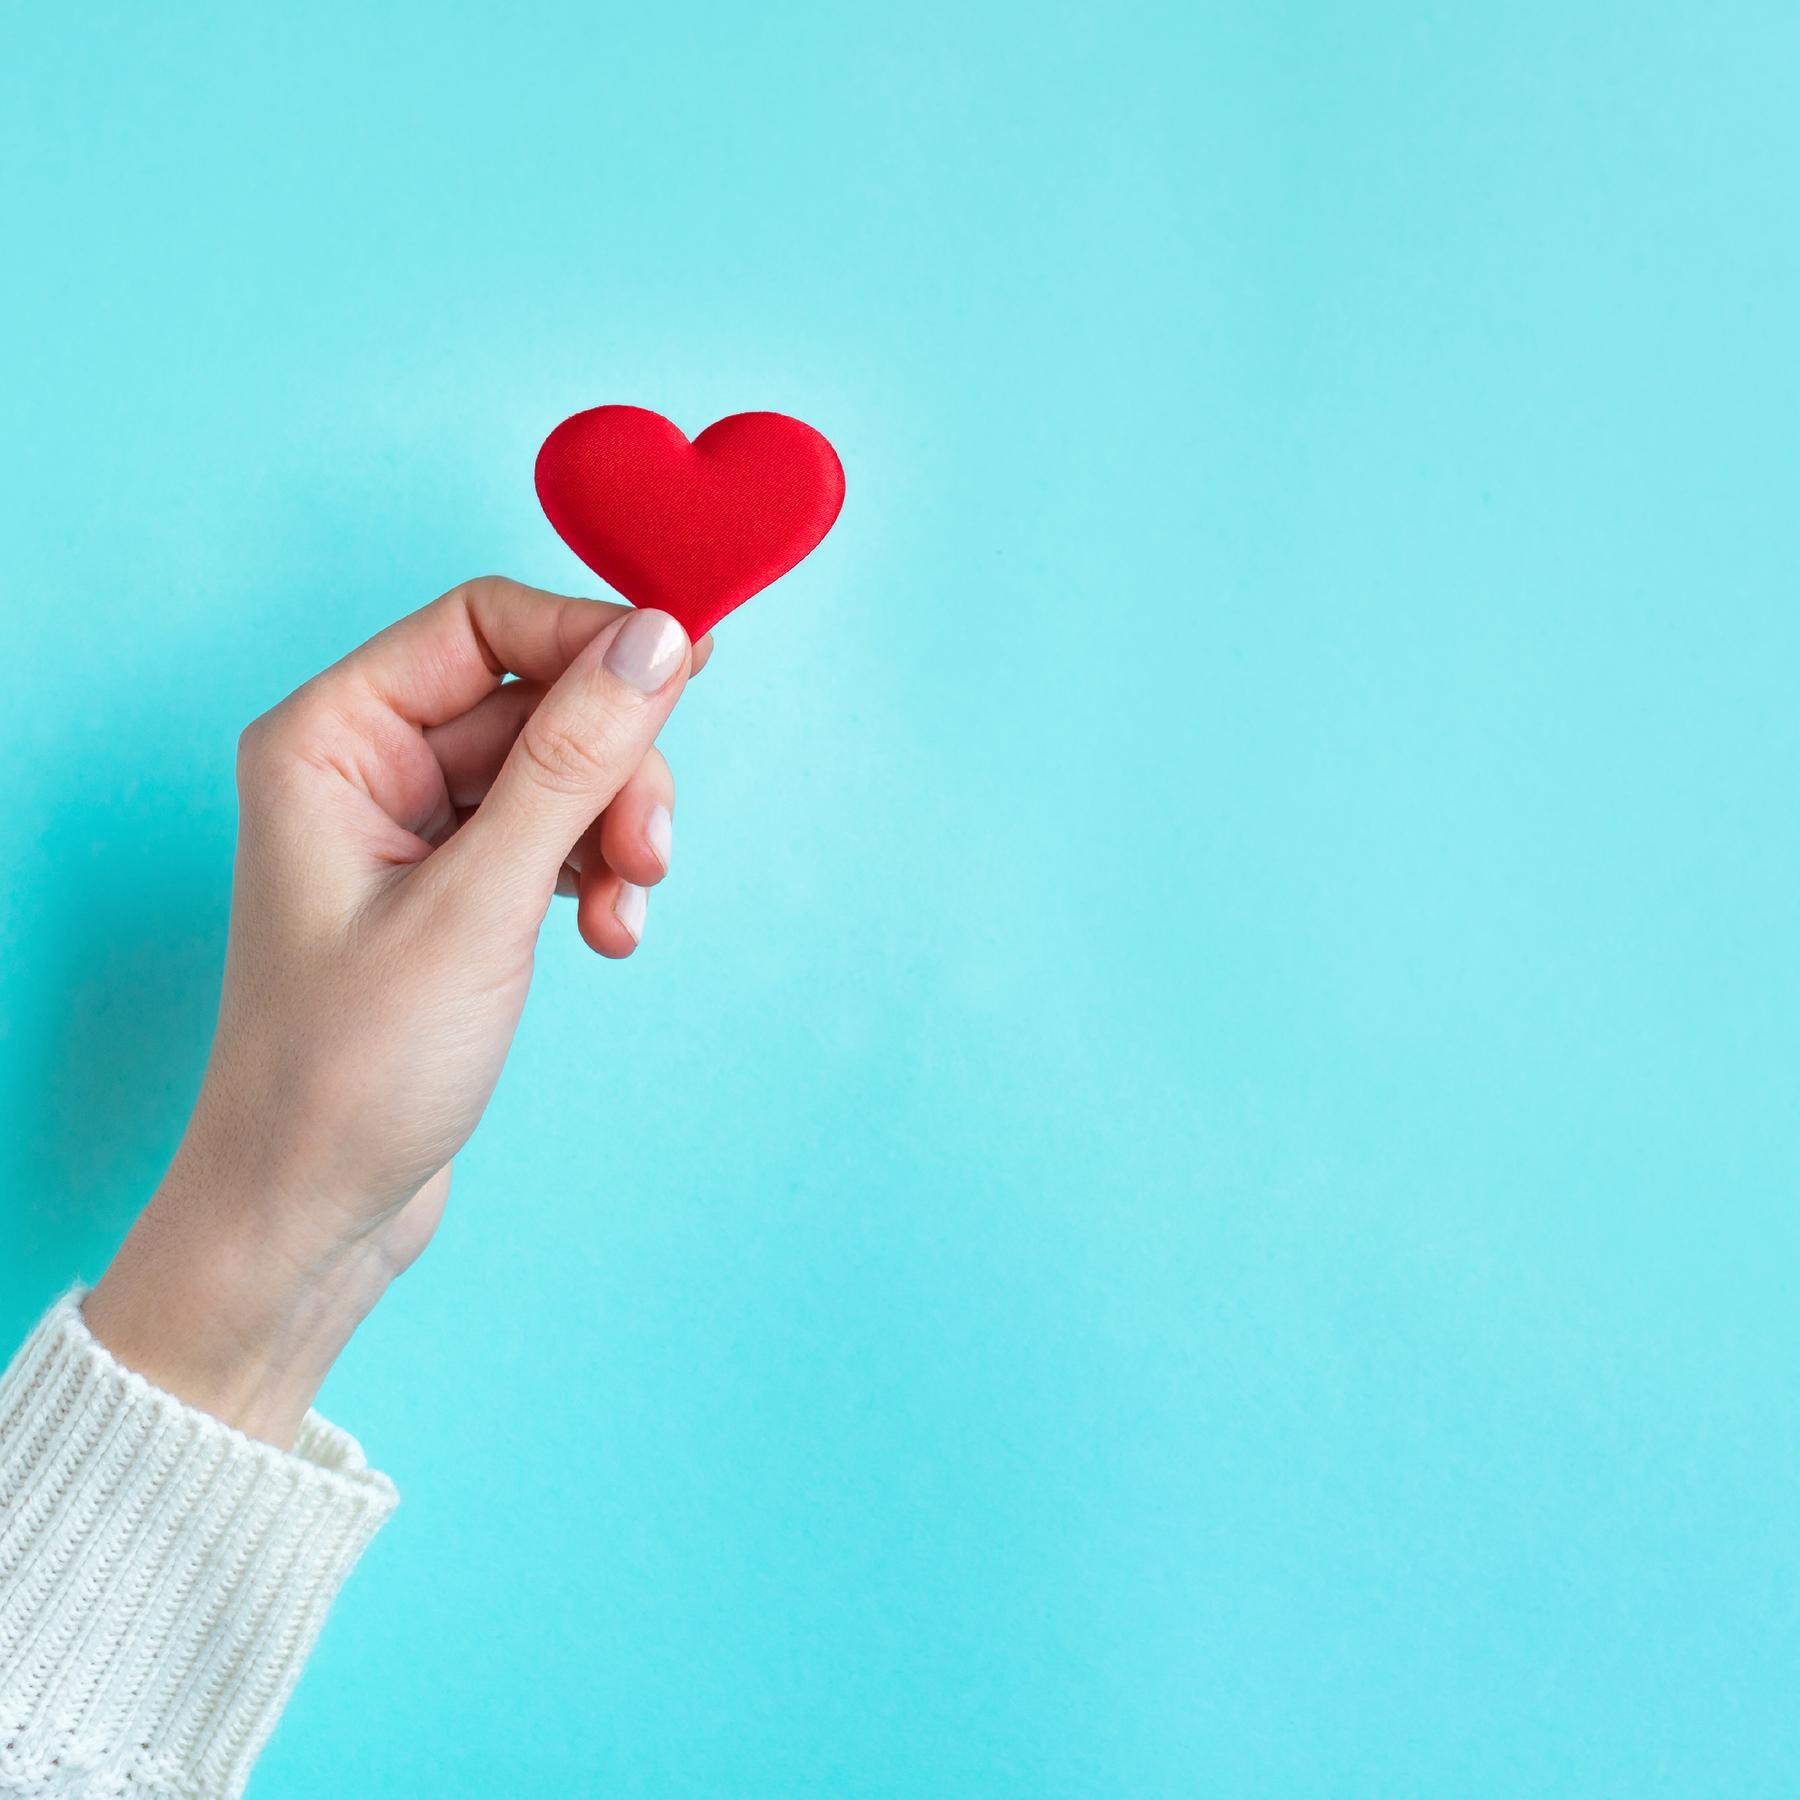 Dankbarkeit - Quelle des Glücks und der Freude?